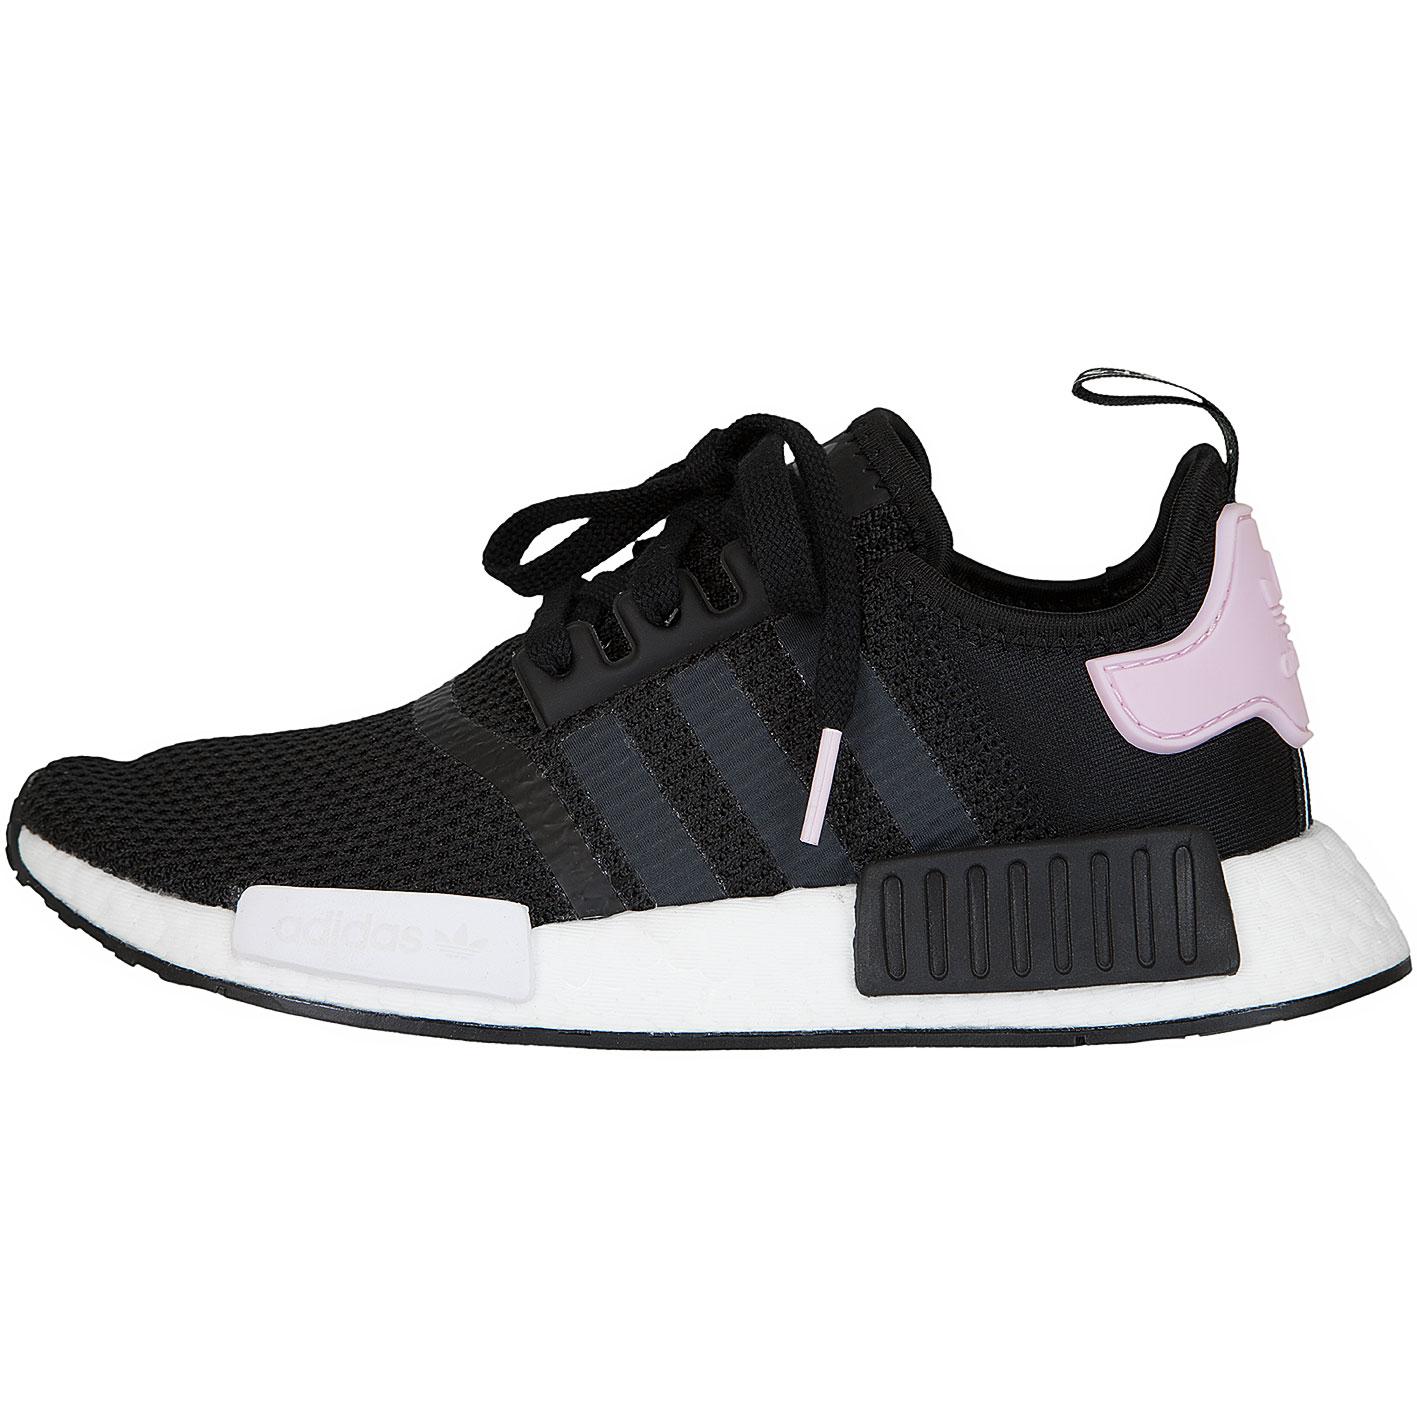 ☆ Adidas Originals Damen Sneaker NMD R1 schwarz/weiß/pink ...